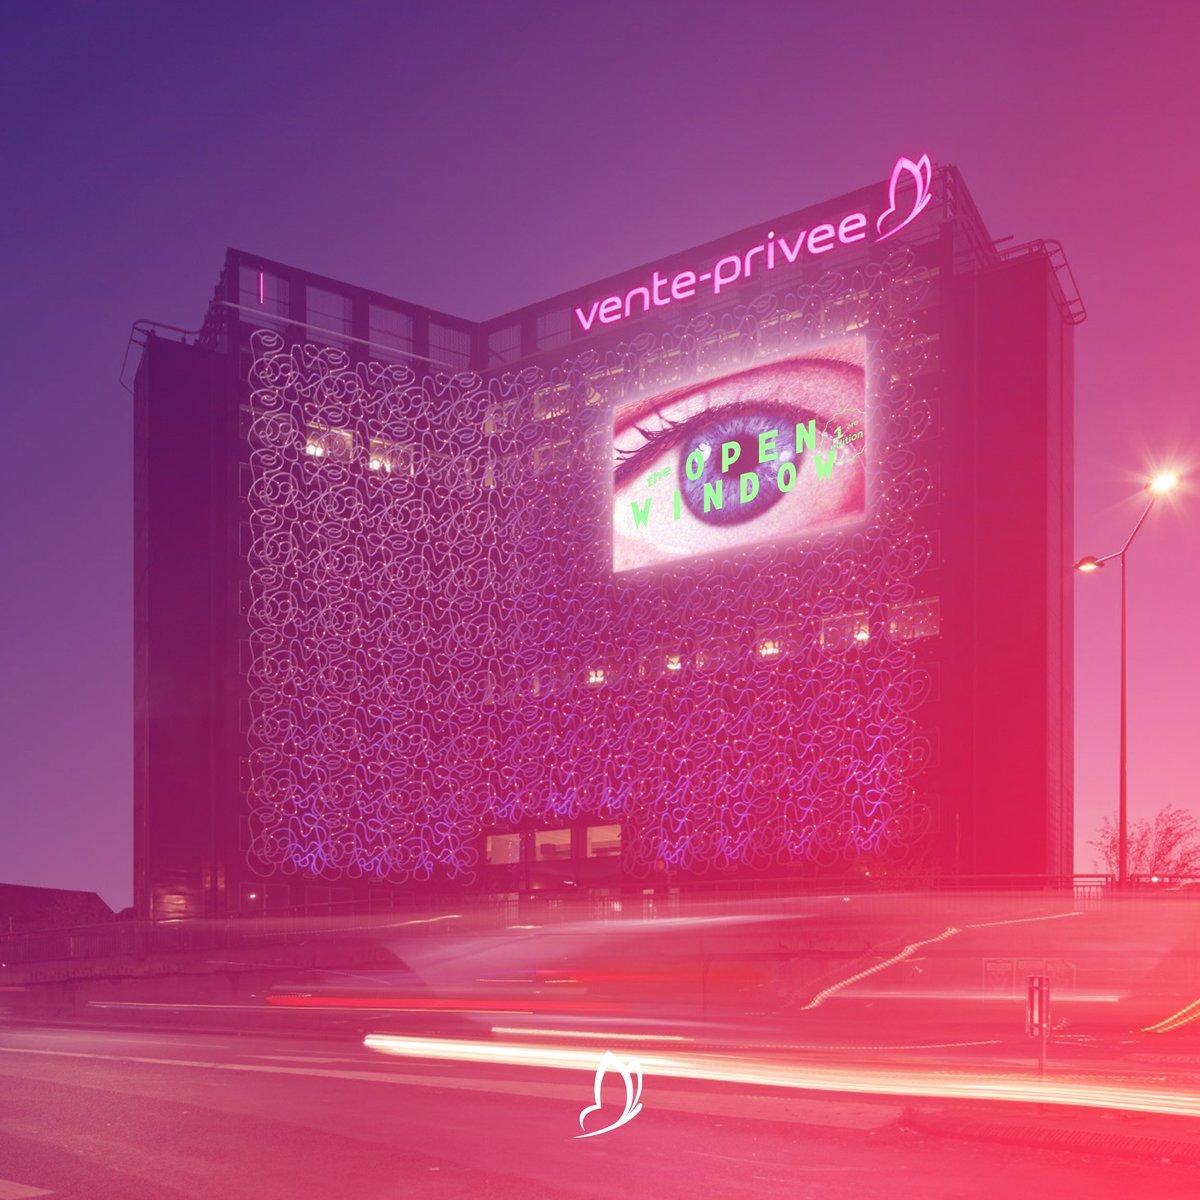 #venteprivee lance The Open Window, un appel à projets vidéo ouvert à tous ! Révélez votre talent ici &gt; https://www. theopenwindow.com / &nbsp;  <br>http://pic.twitter.com/UOdqUceIa9